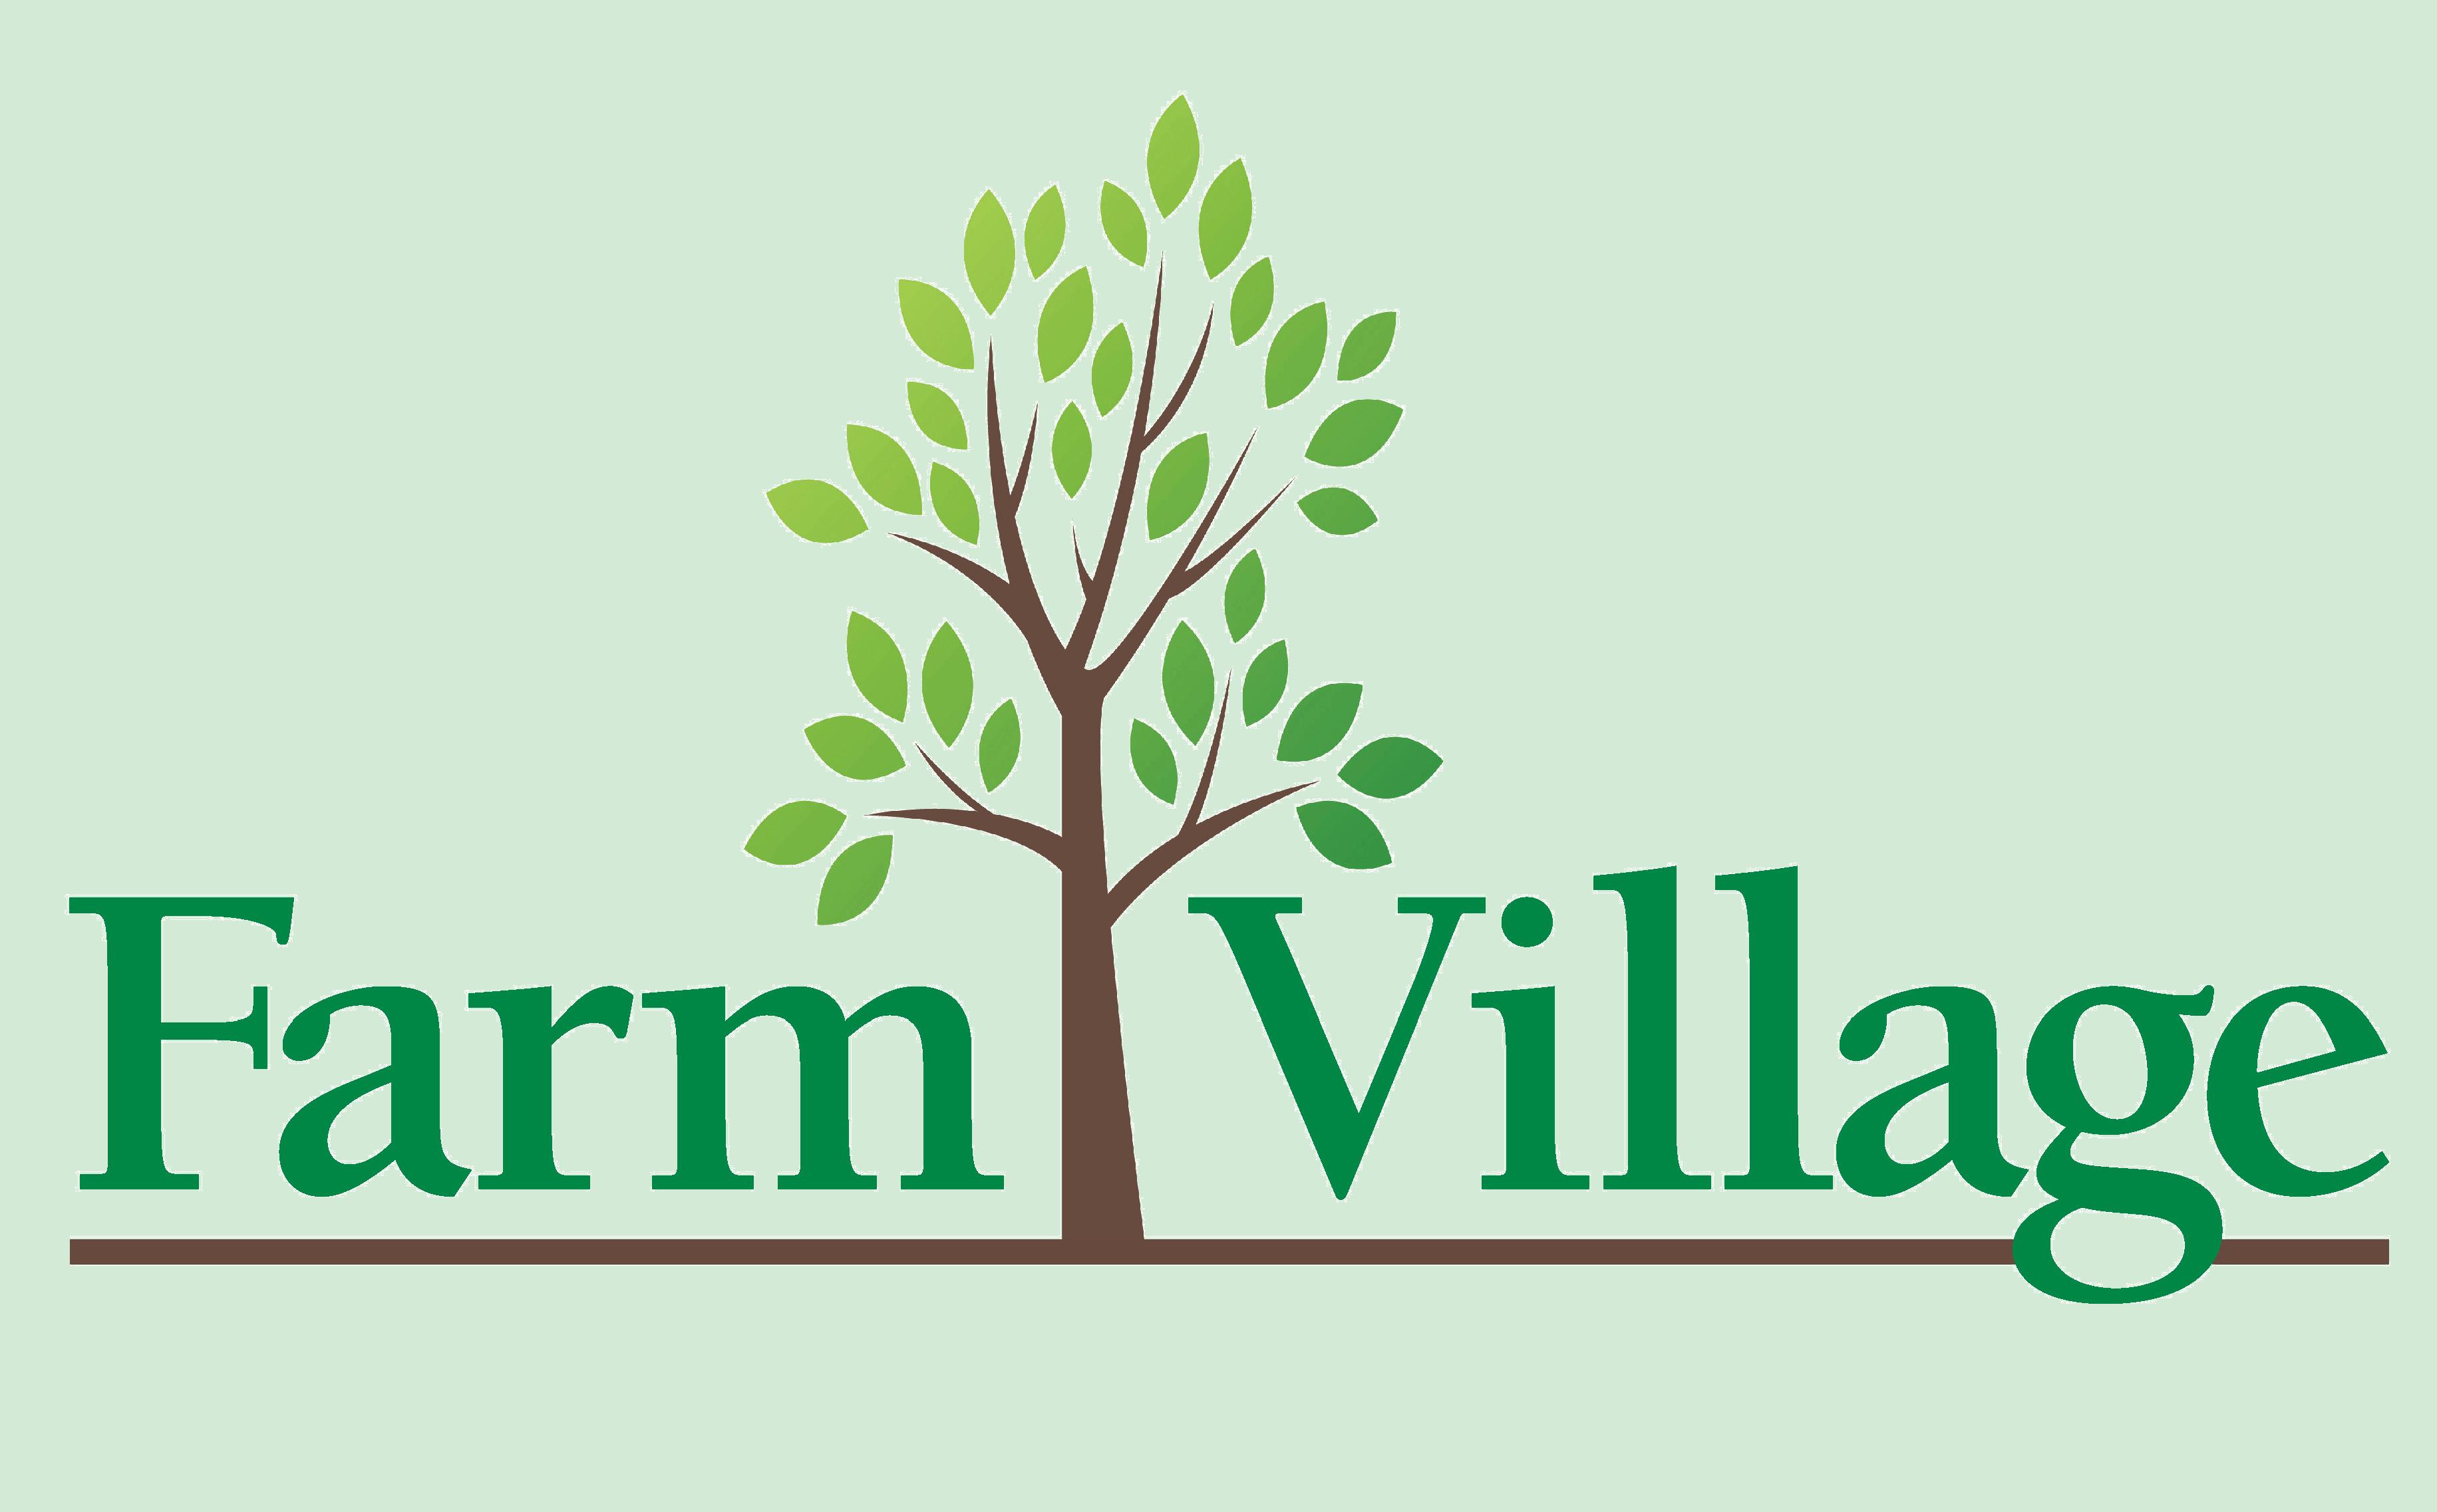 Farm Village in Ipswich, Massachusetts